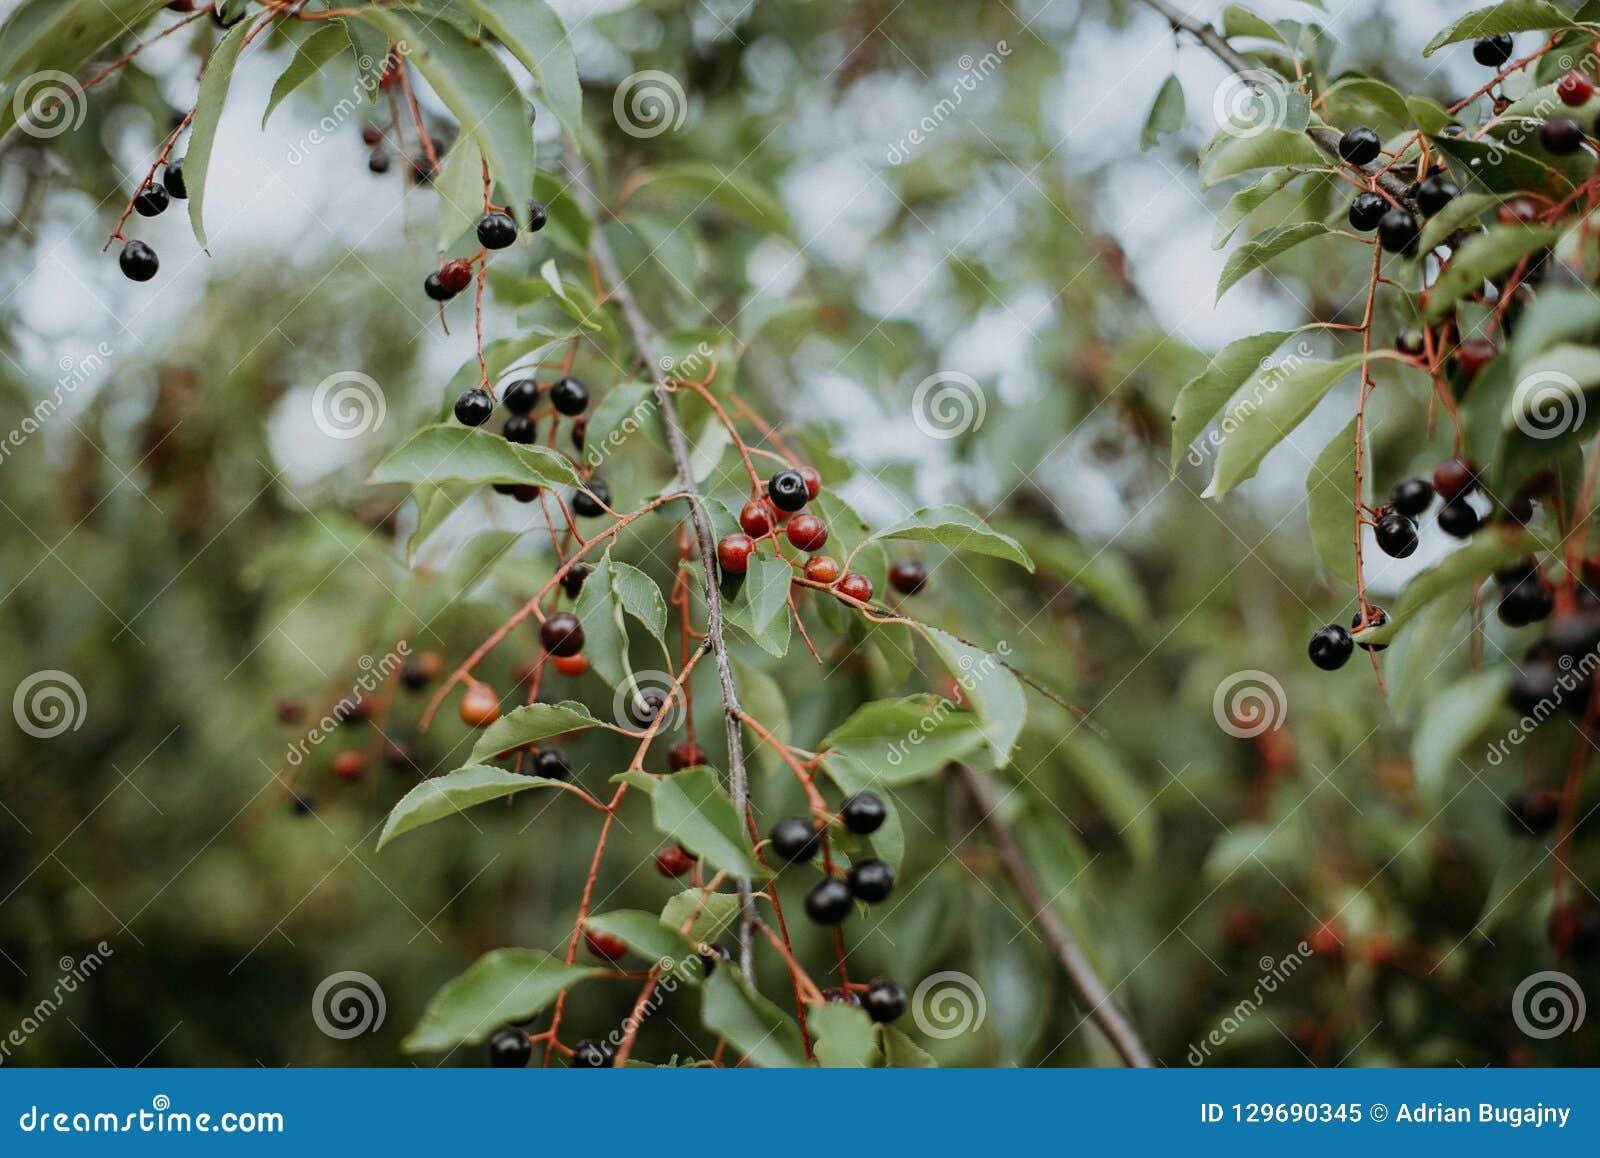 Bagas vermelhas em um ramo